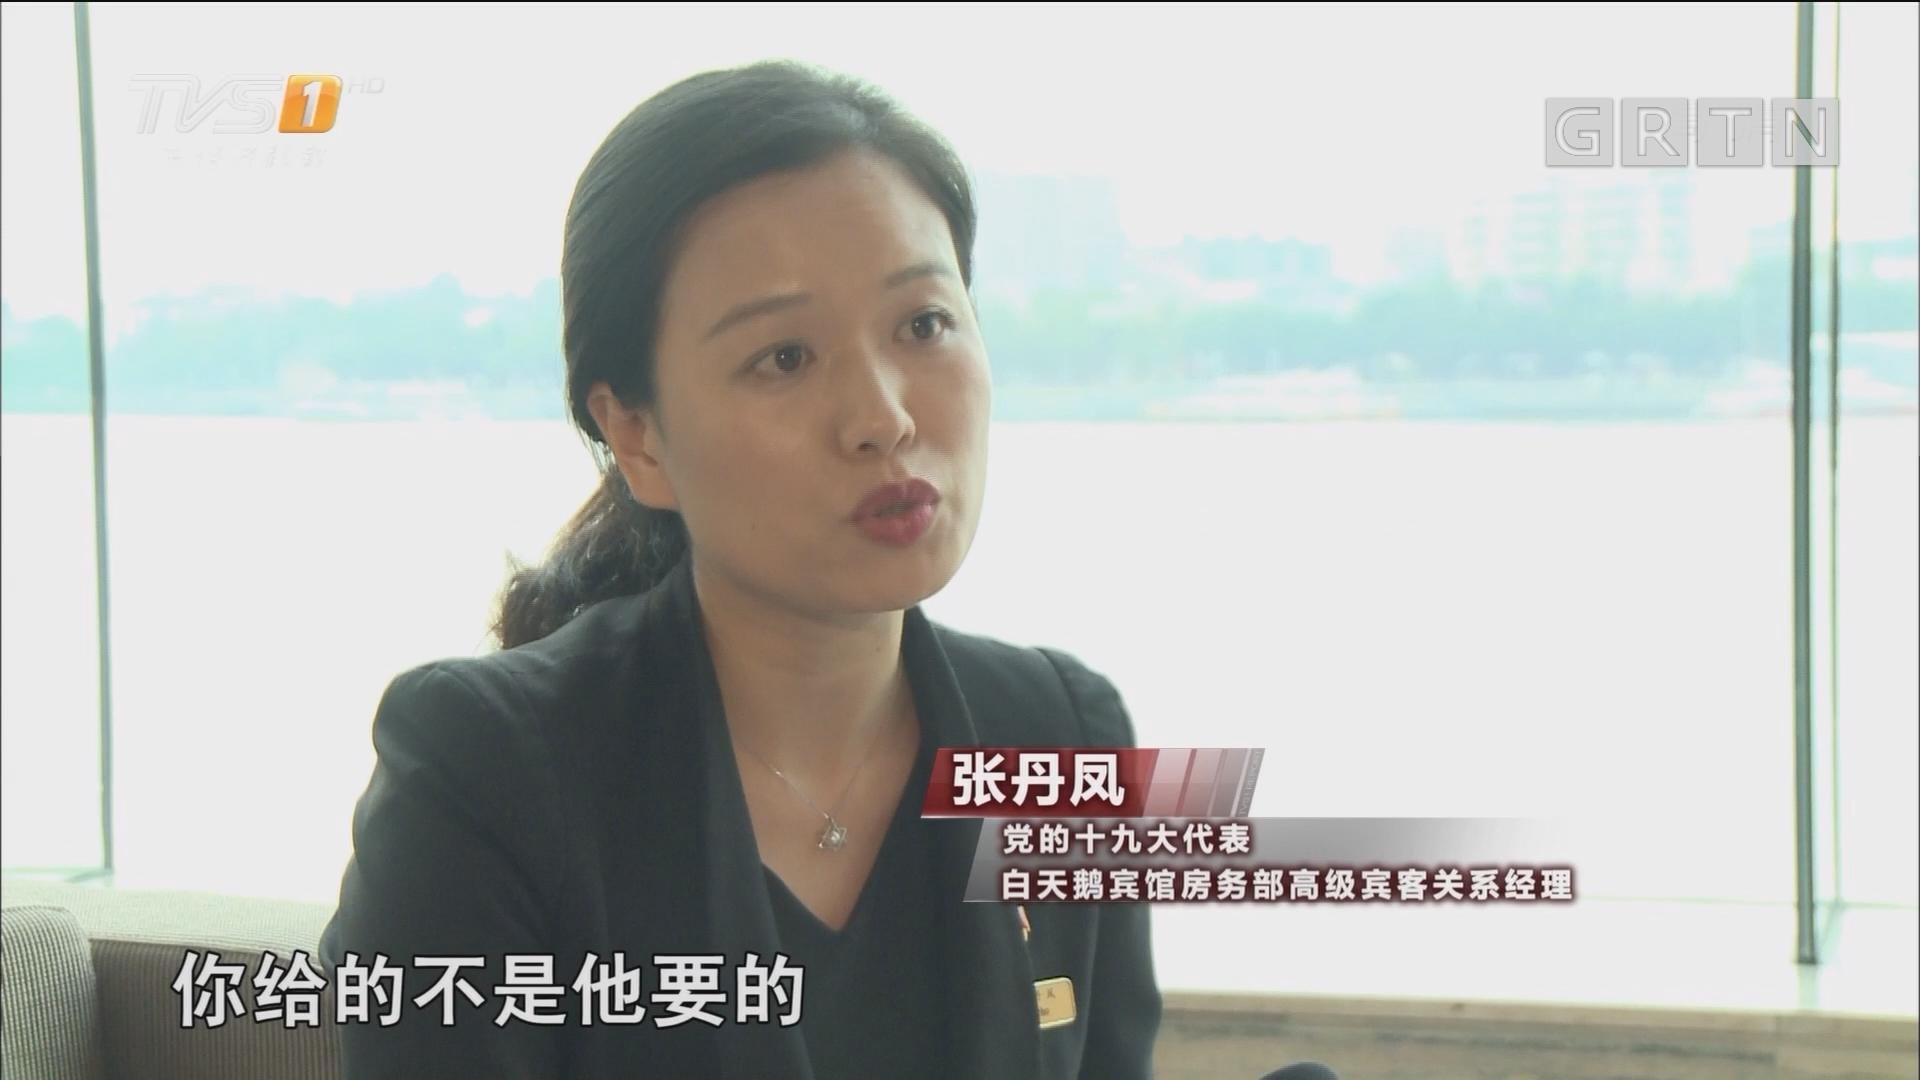 党的十九大代表风采:张丹凤 我愿做大海中的一滴水